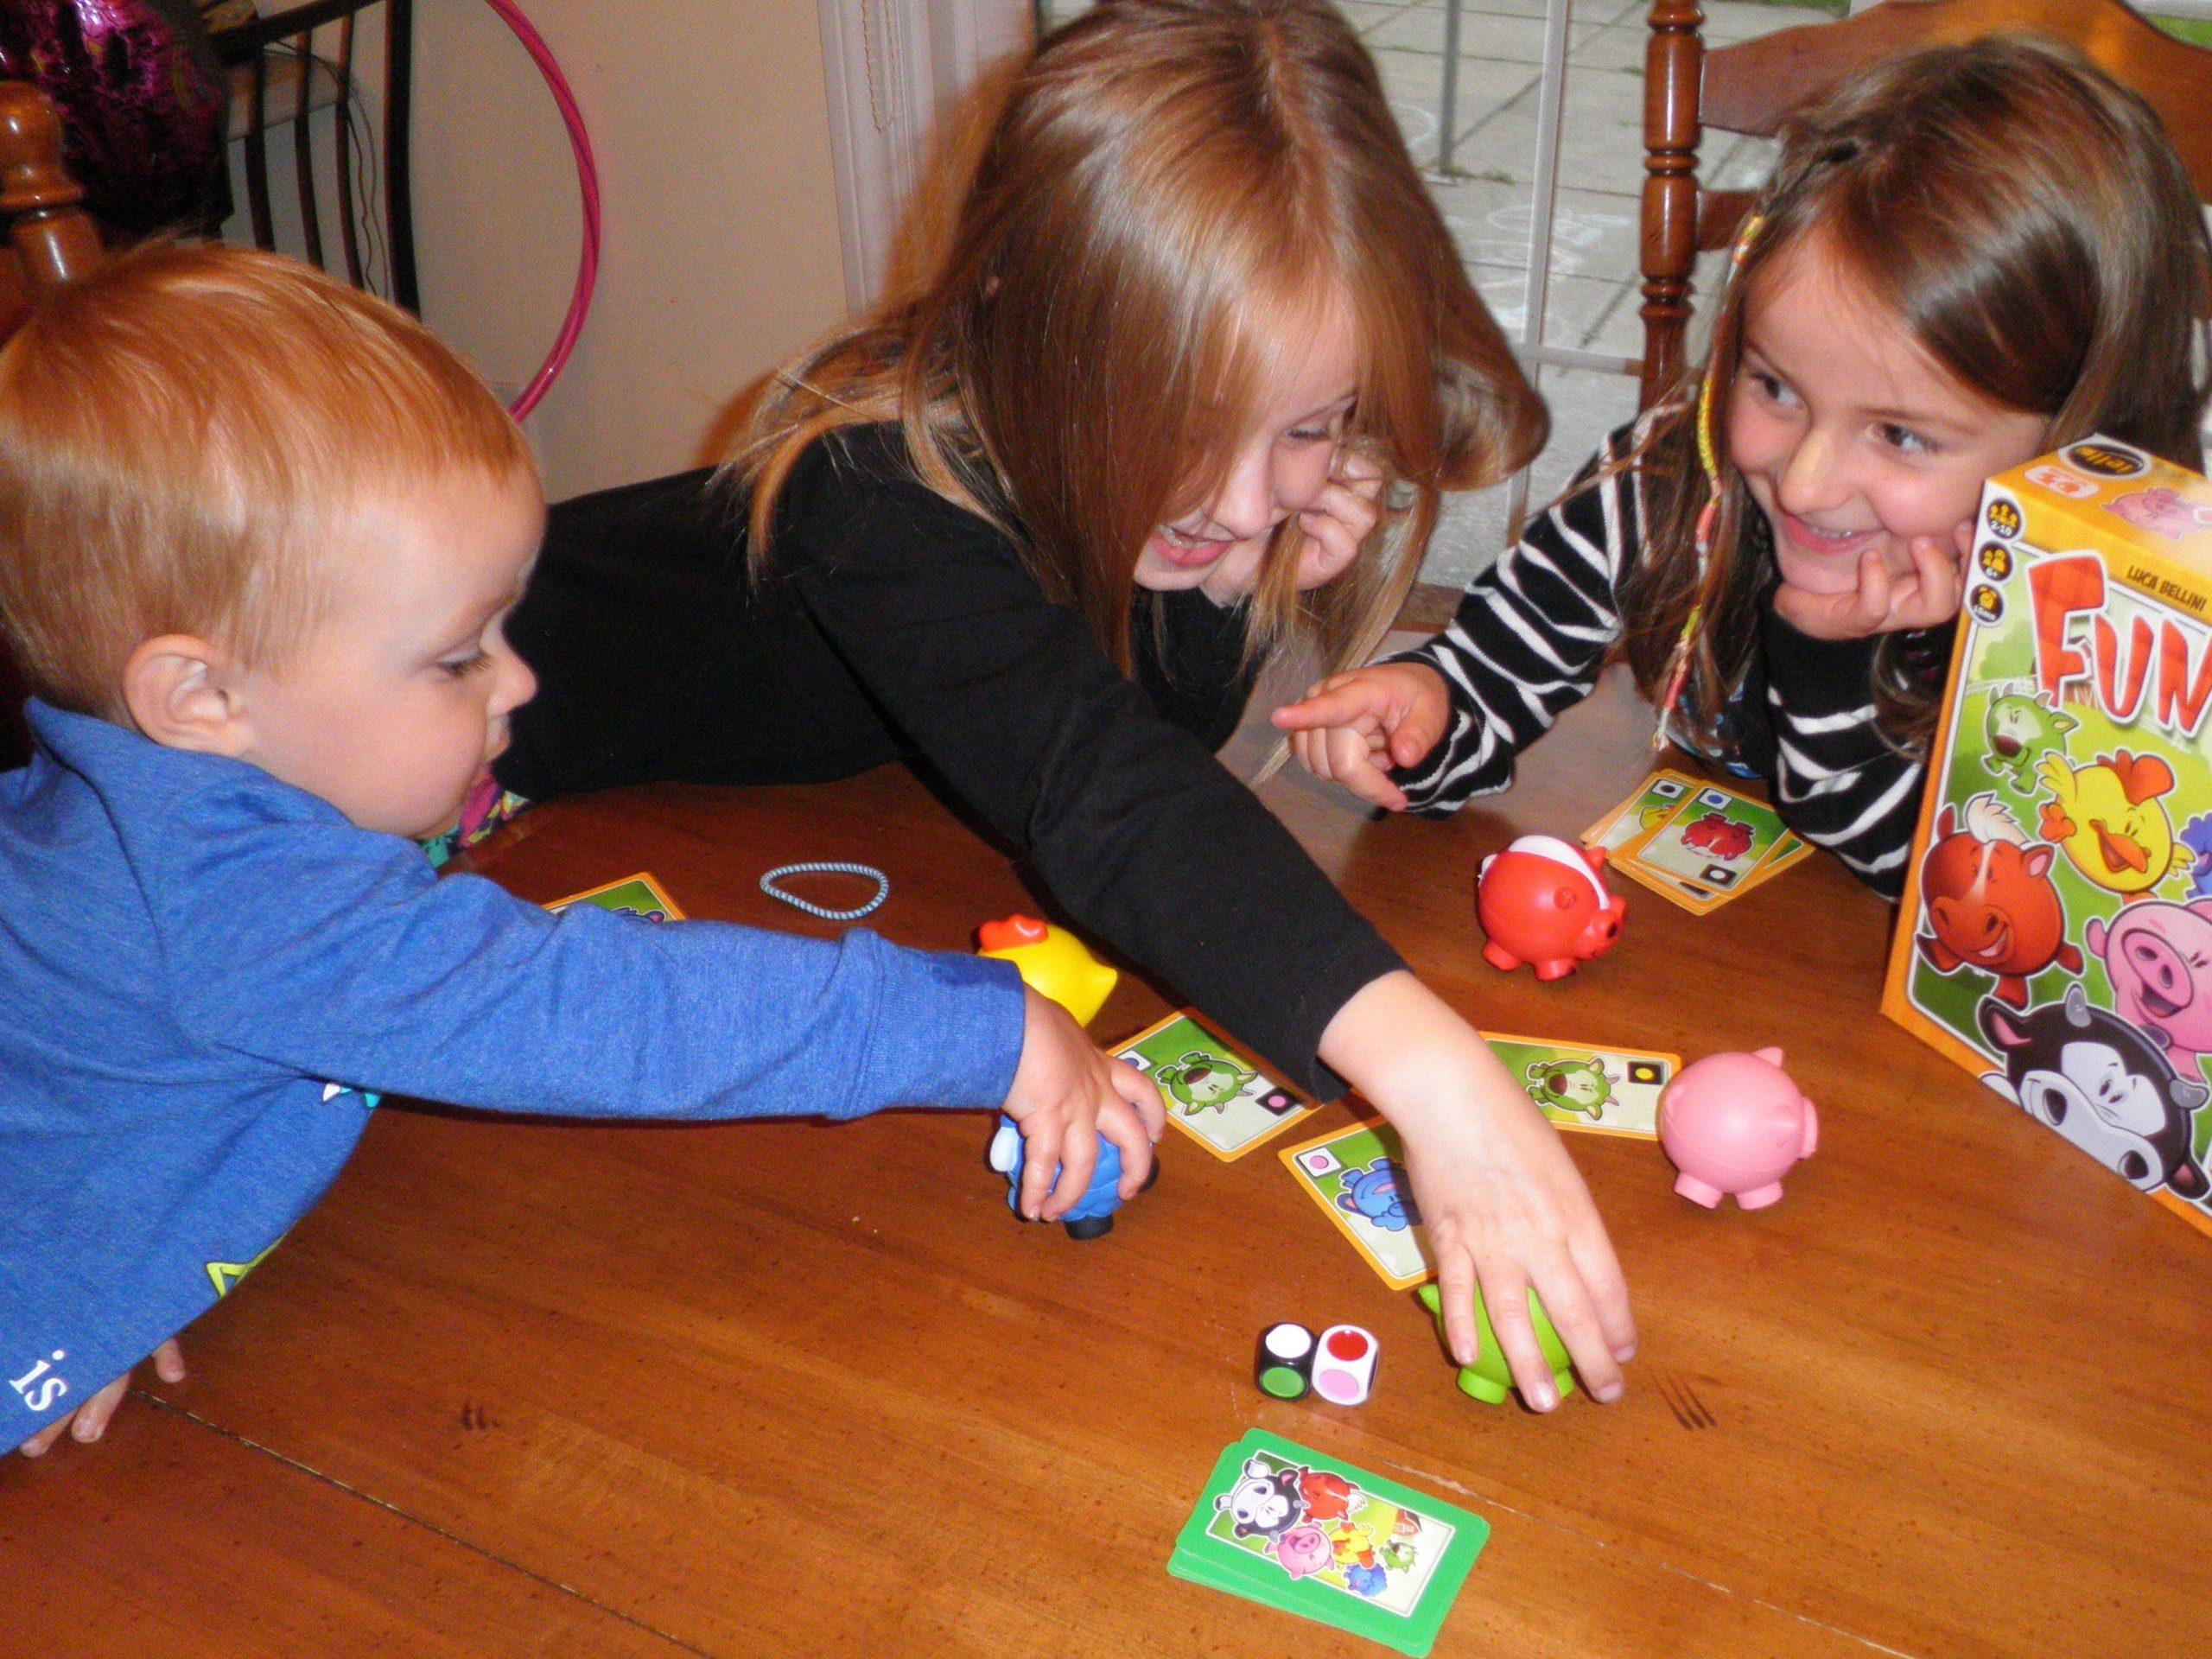 Les Jeux De Société concernant Jeux De Memoire Pour Enfant